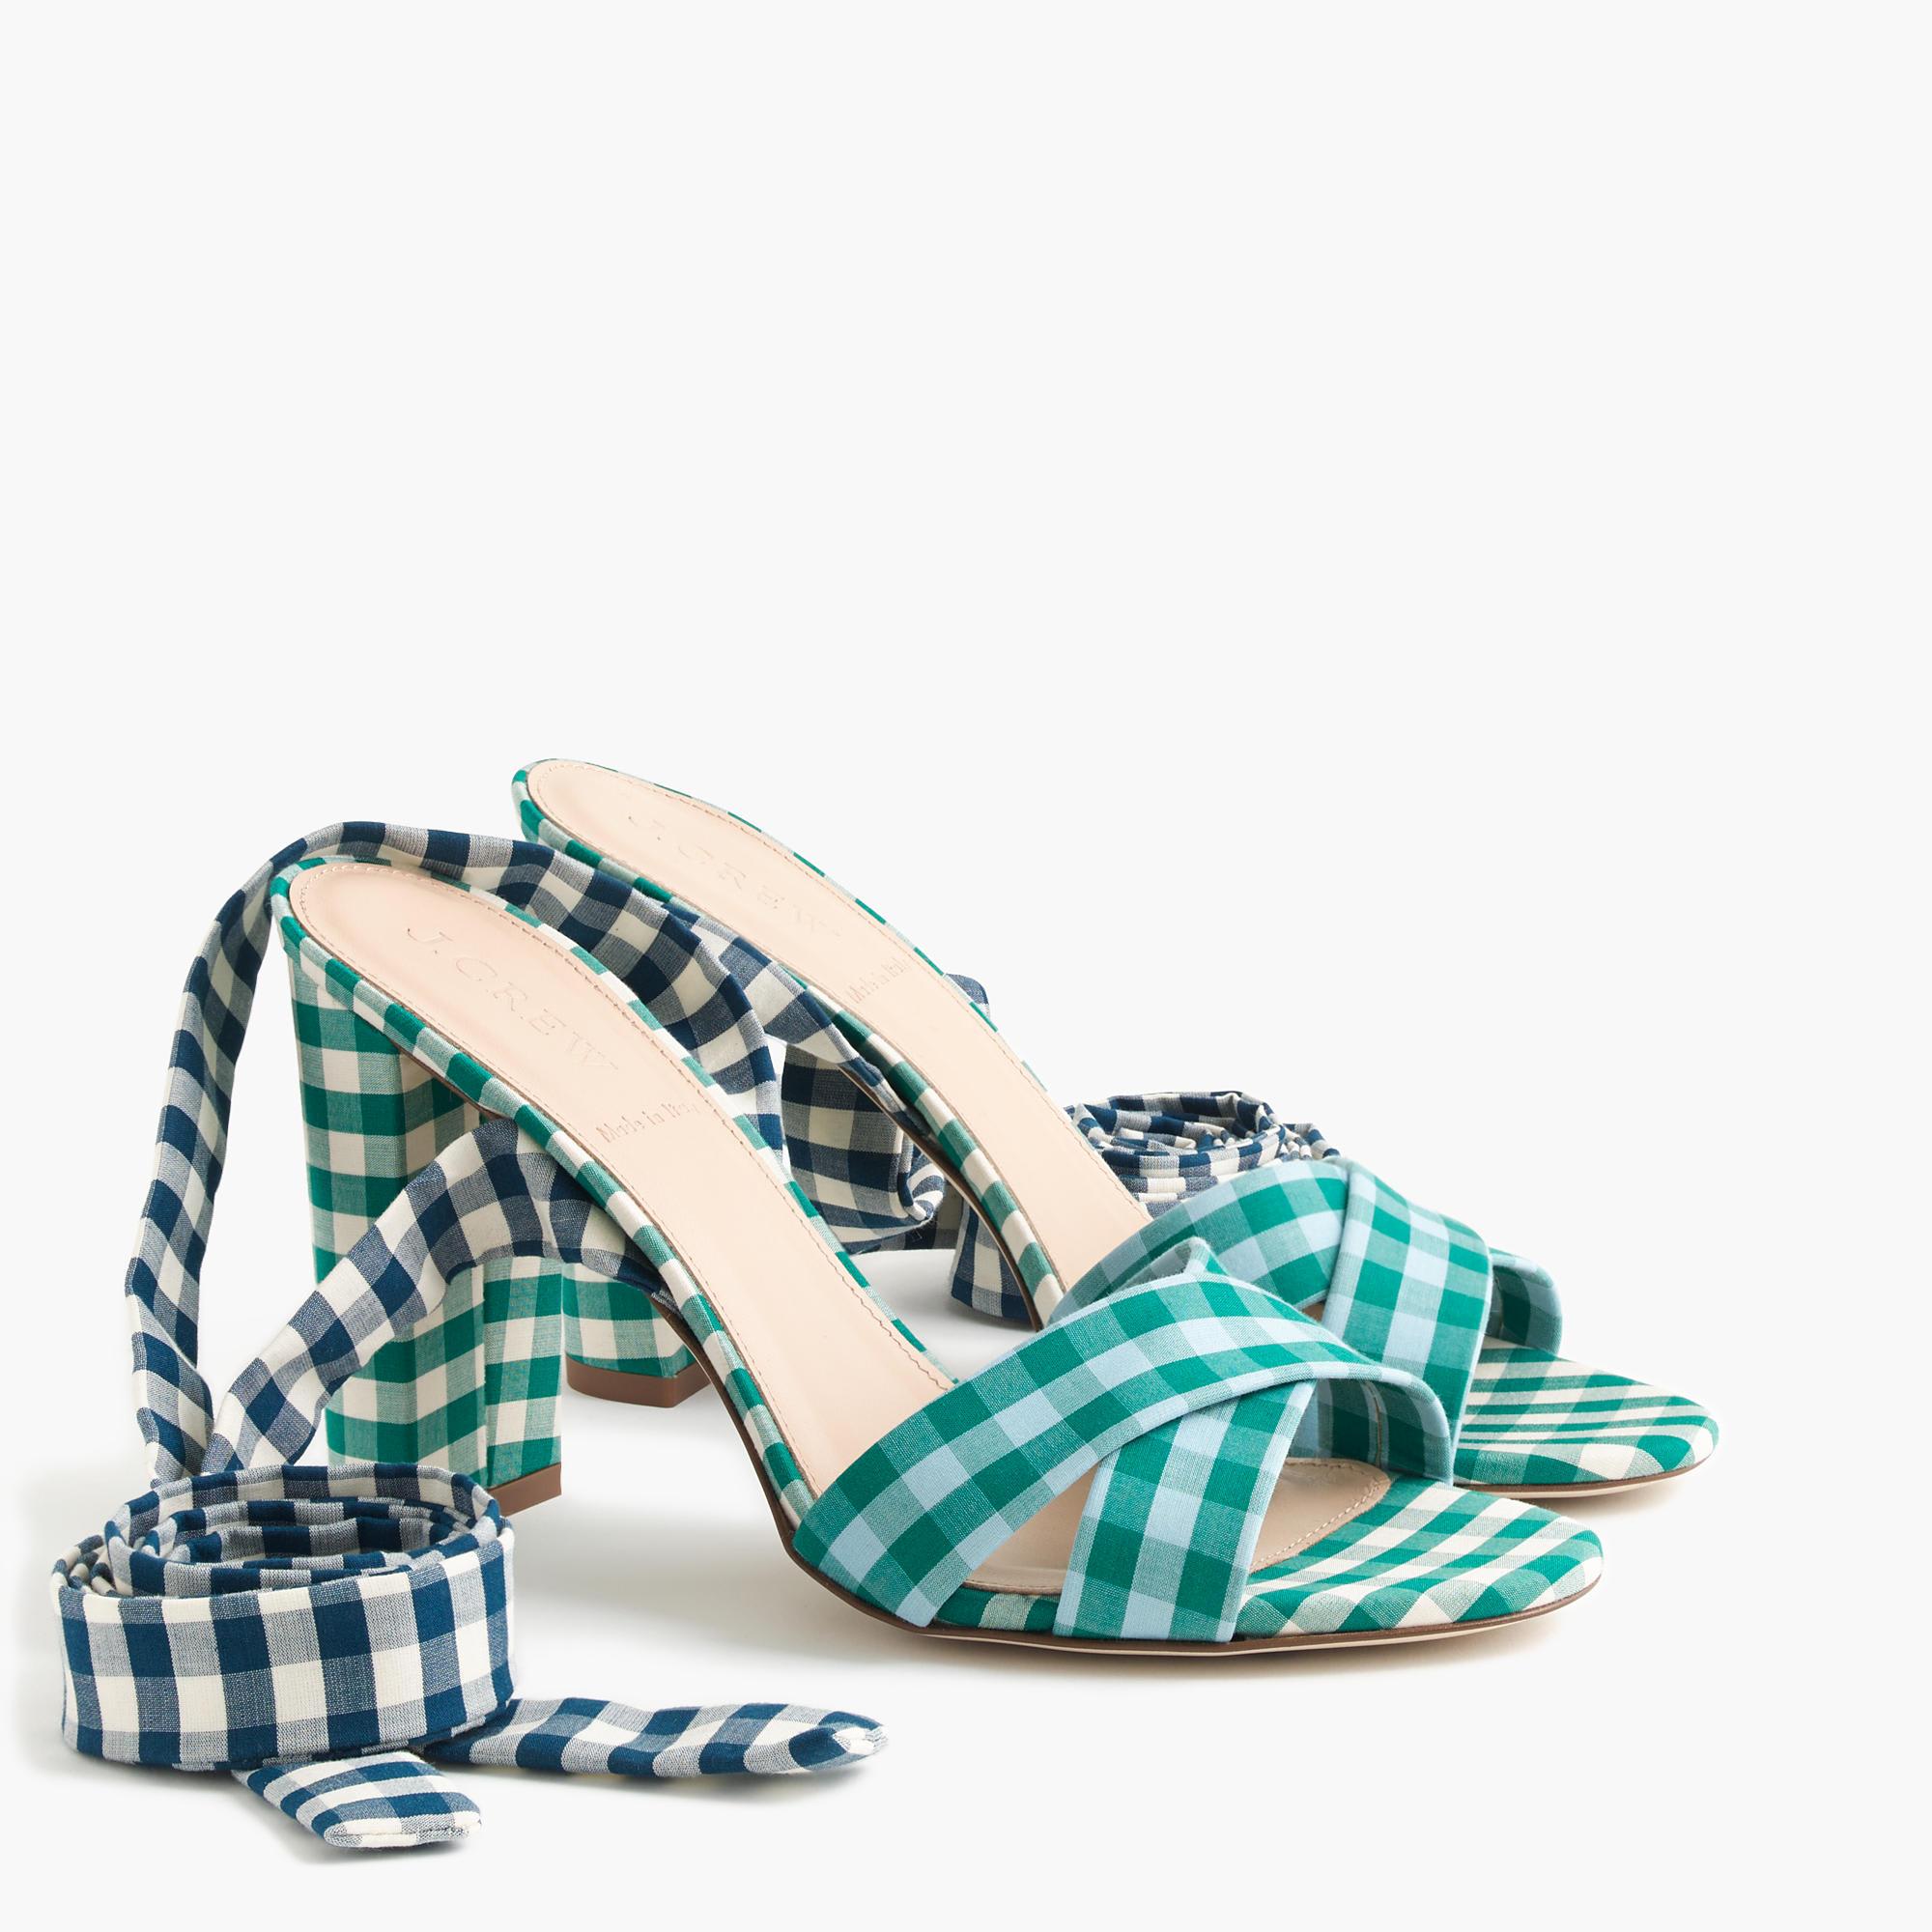 拖鞋 鞋 鞋子 2000_2000